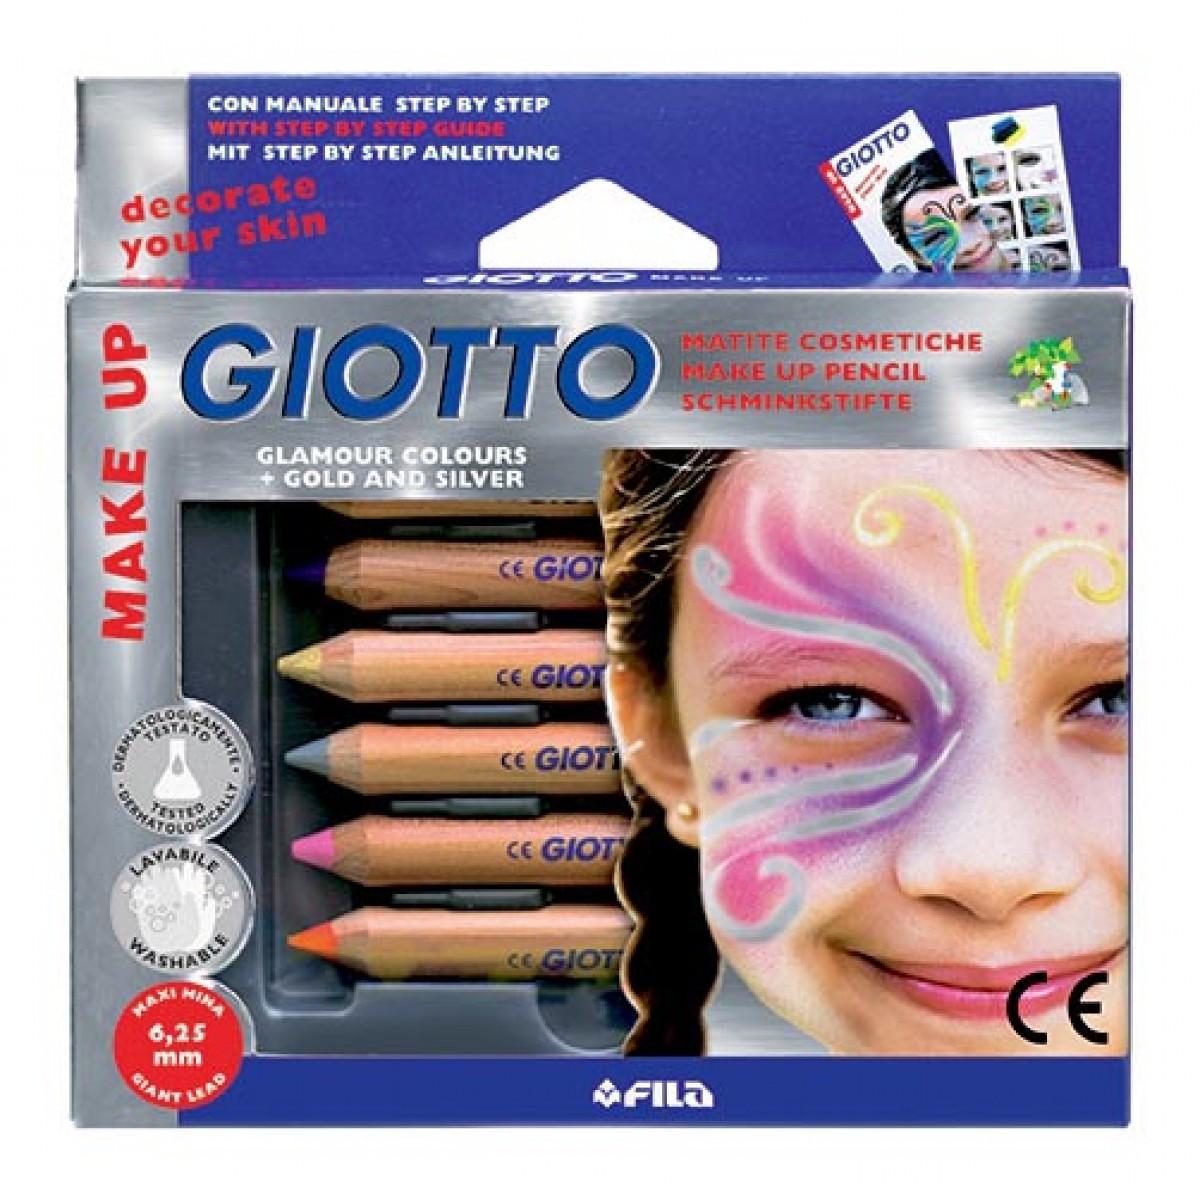 Giotto Μολύβια 6.25mm Για Το Πρόσωπο Glamour + Χρυσο & Ασημί (6 Τεμ.) Μπογιές για πρόσωπο